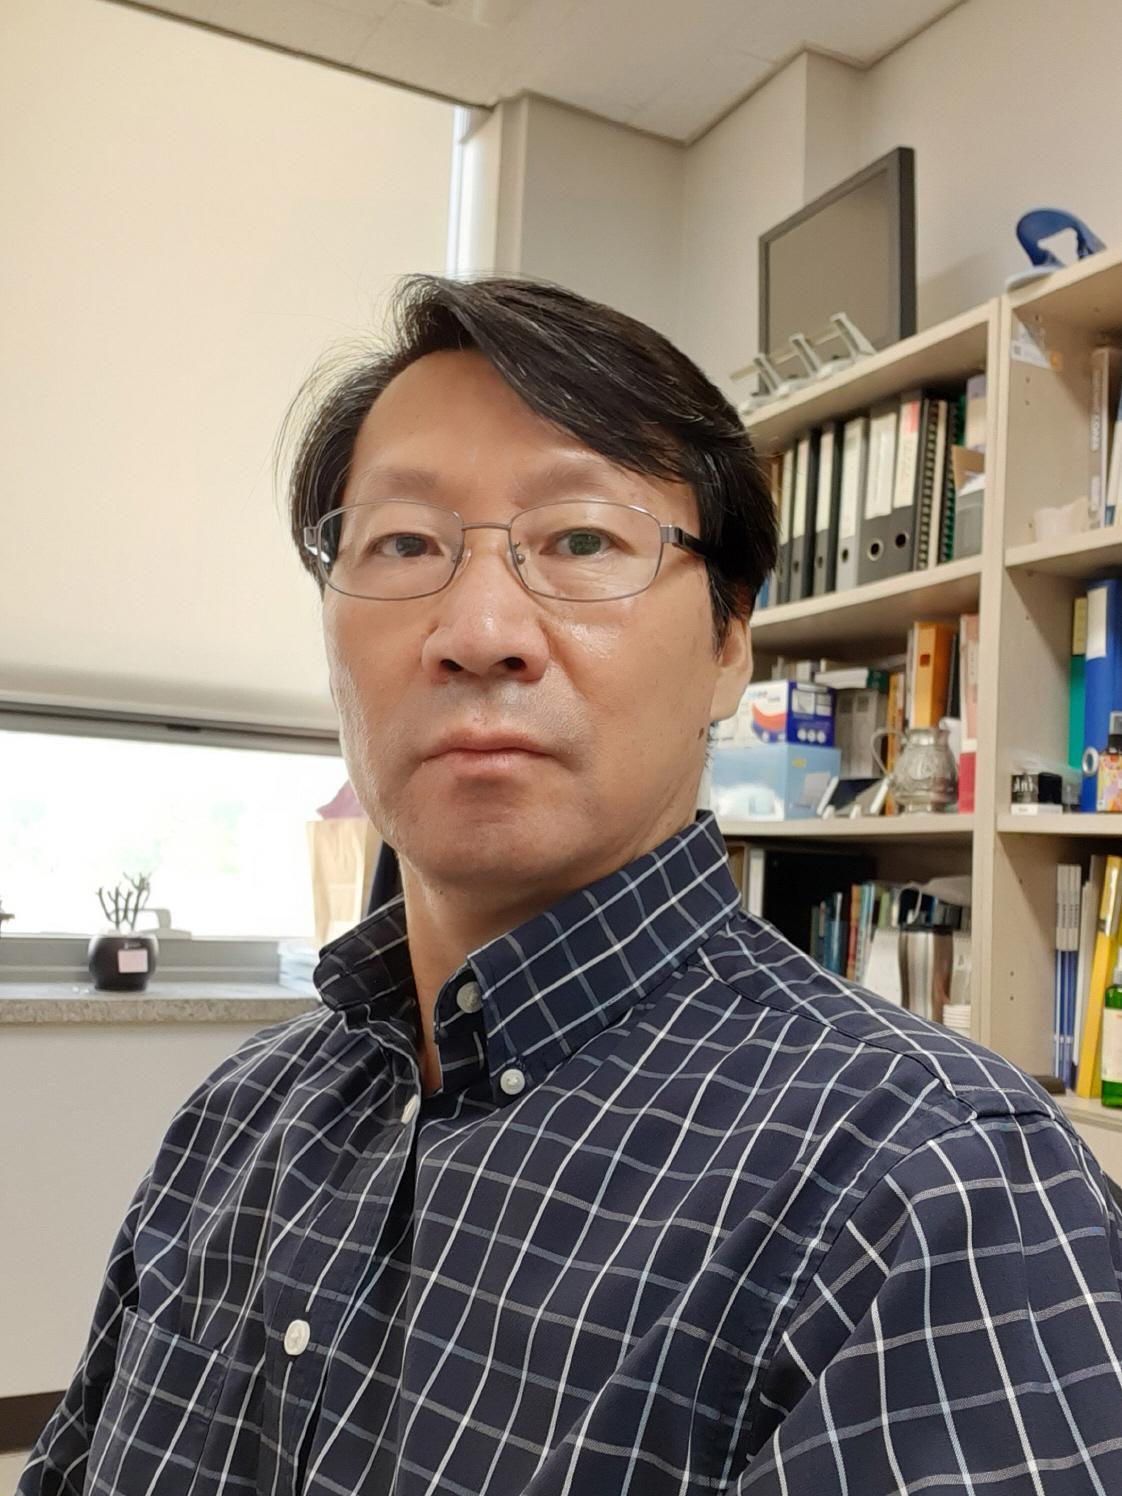 김중배 교수 증명사진